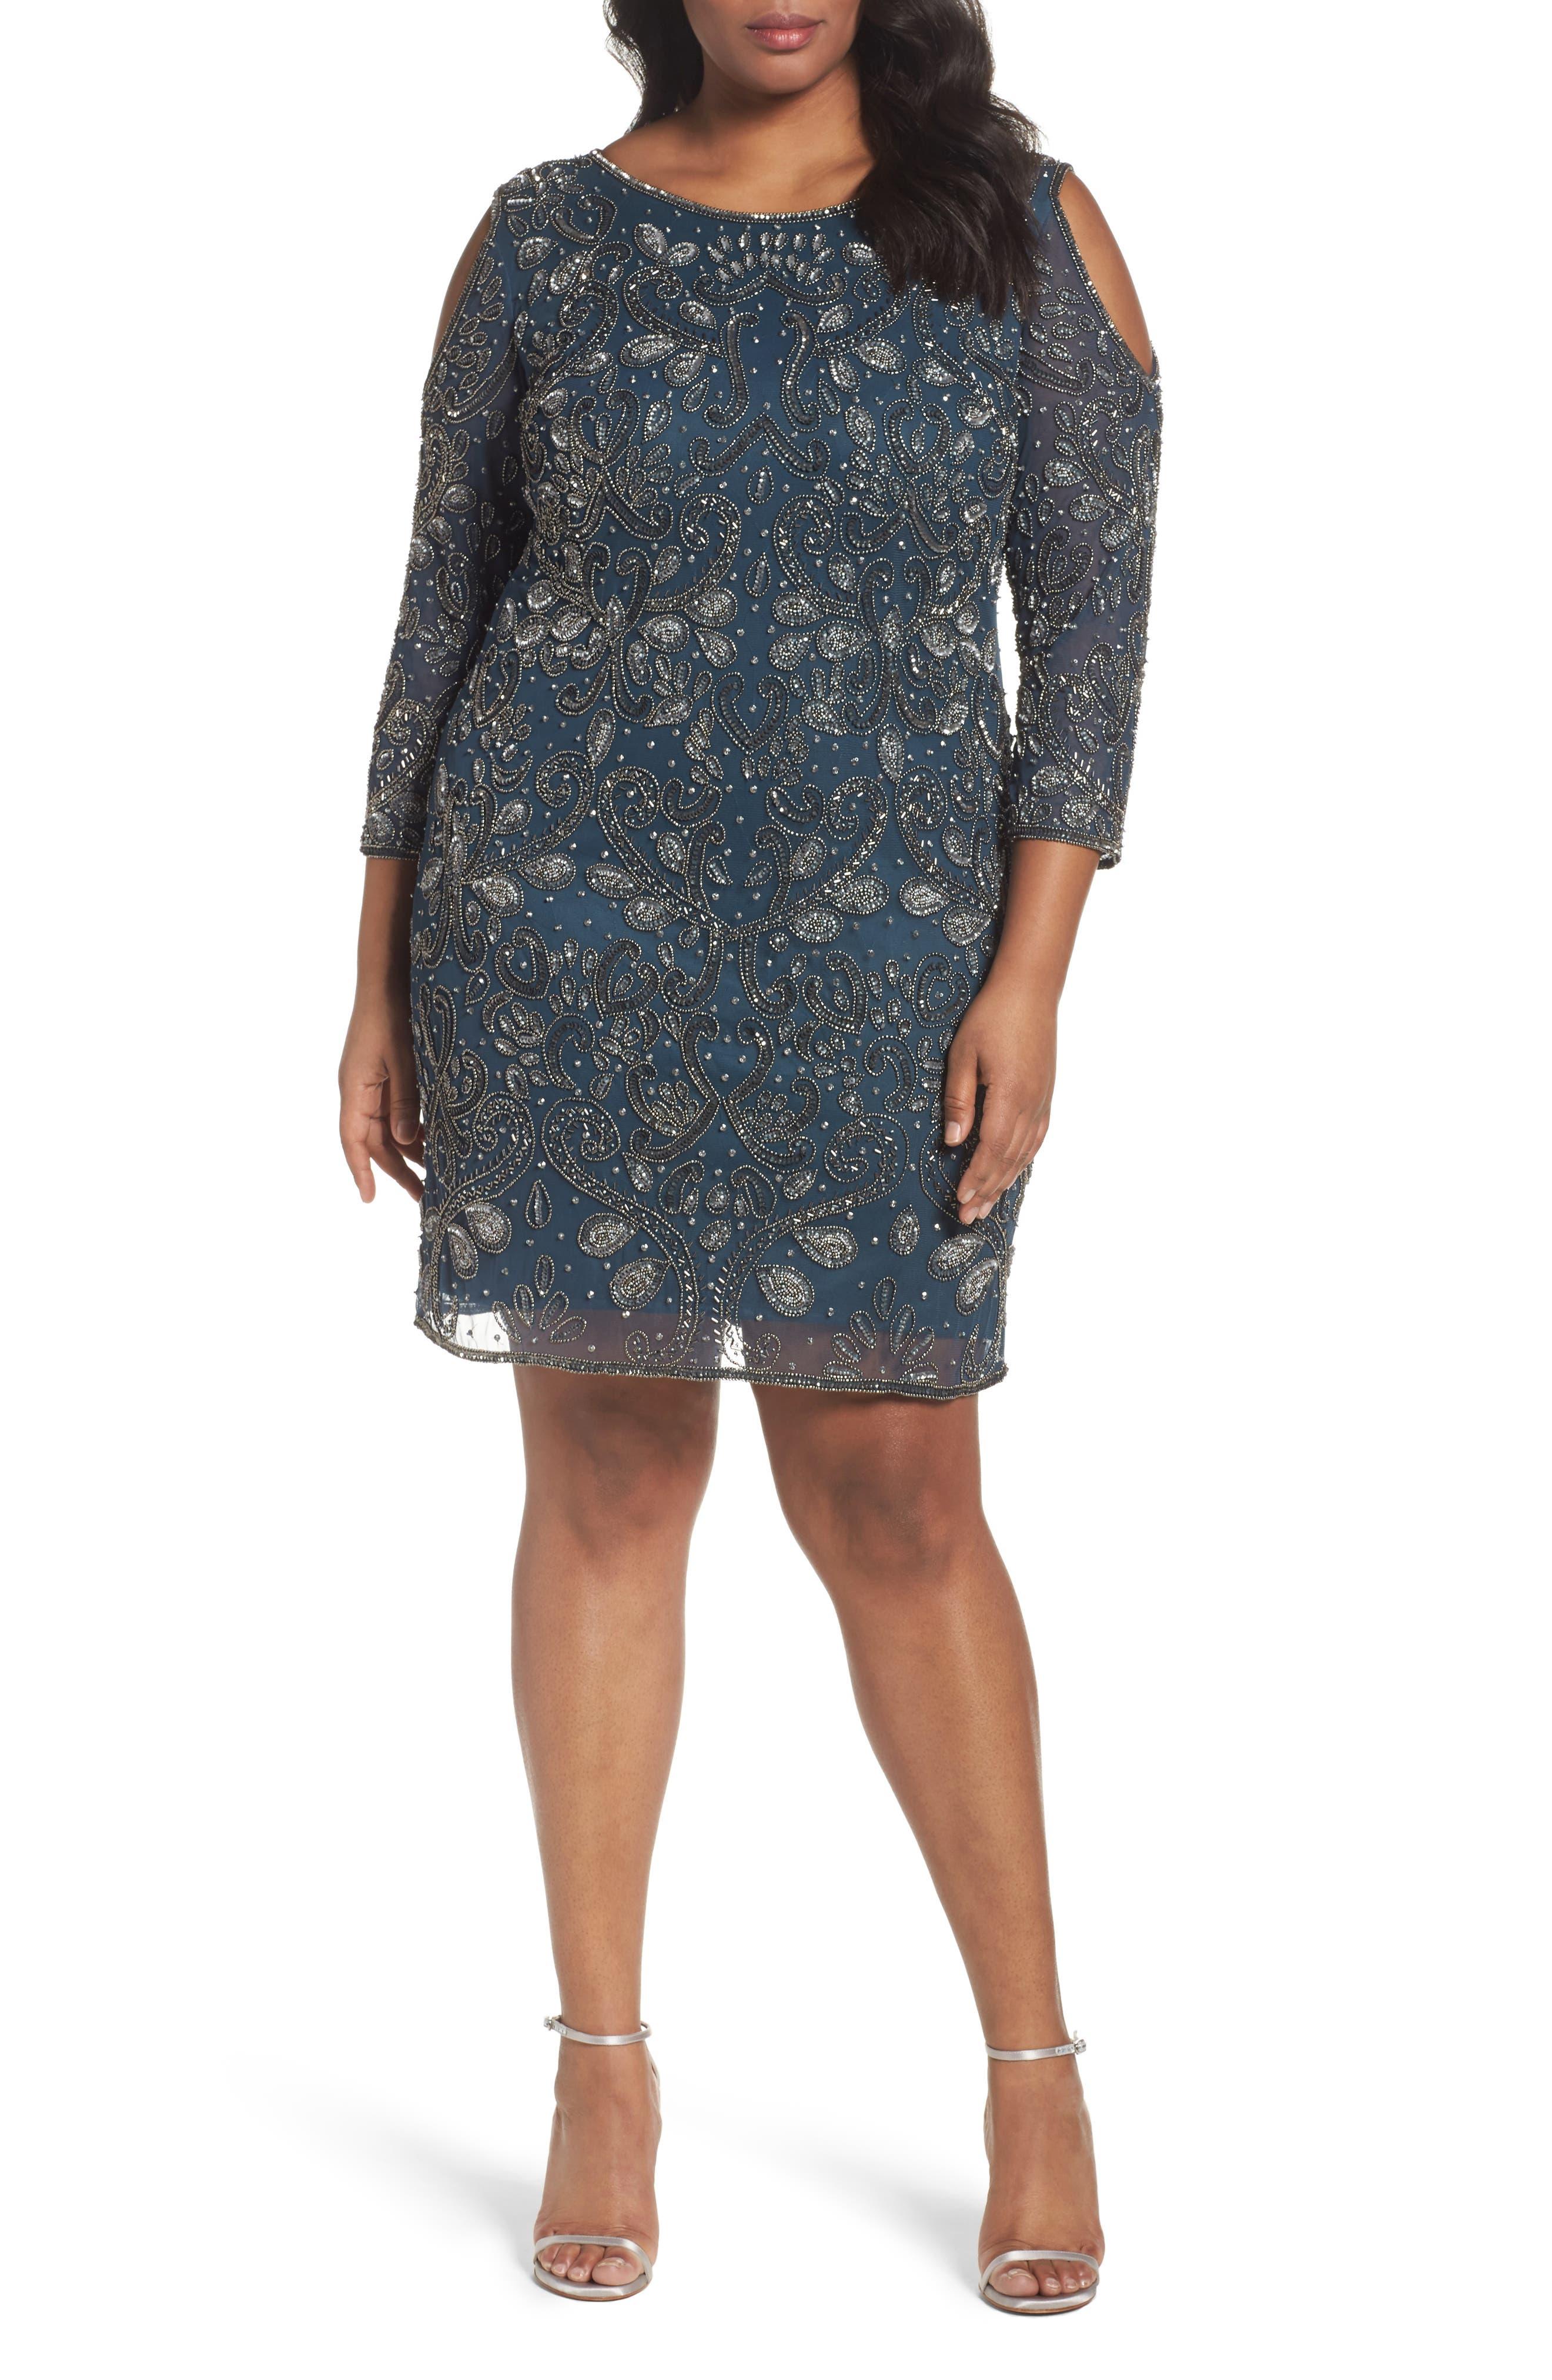 Alternate Image 1 Selected - Pisarro Nights Embellished Cold Shoulder Dress (Plus Size)